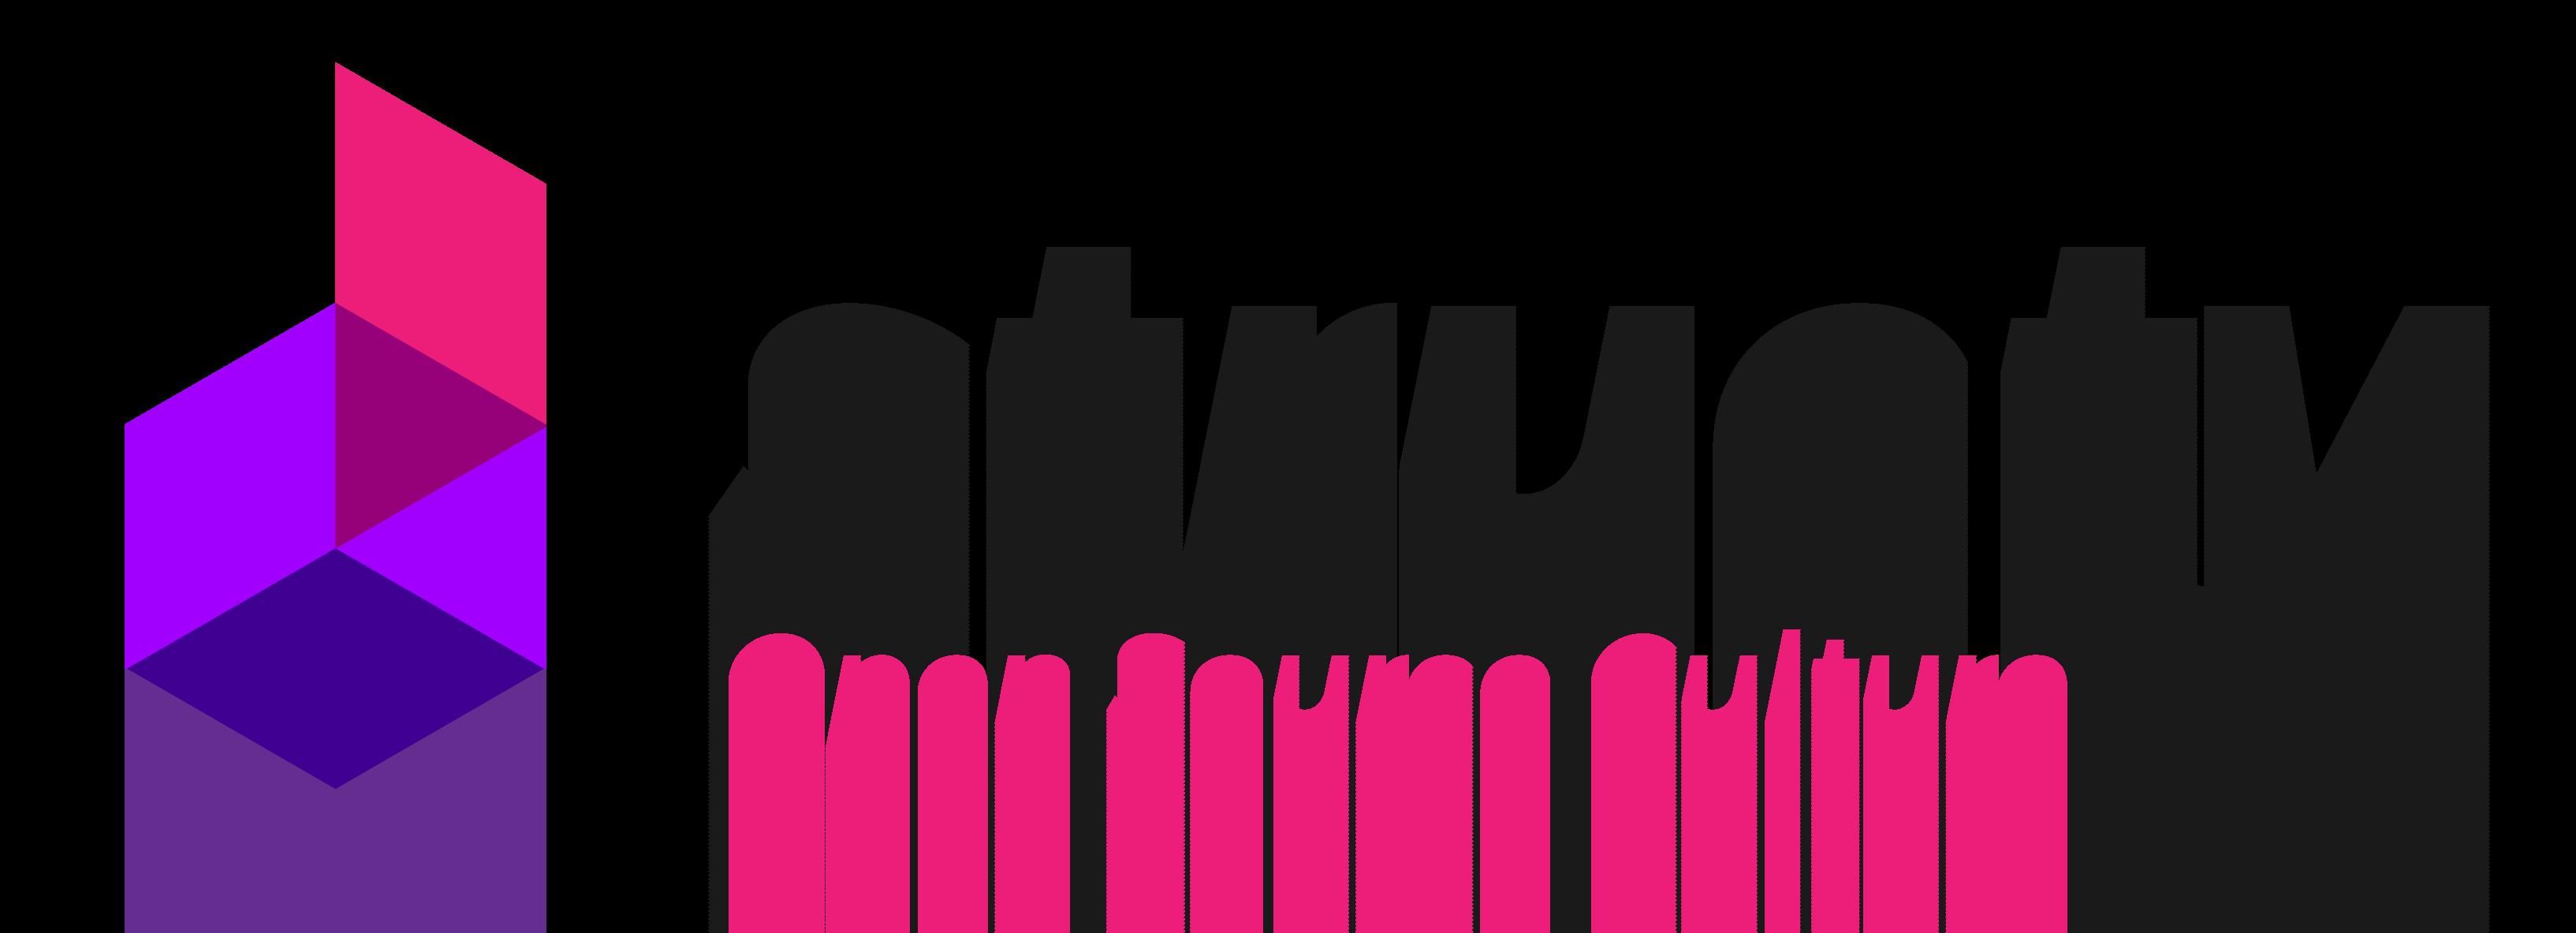 Venture Builder - structy